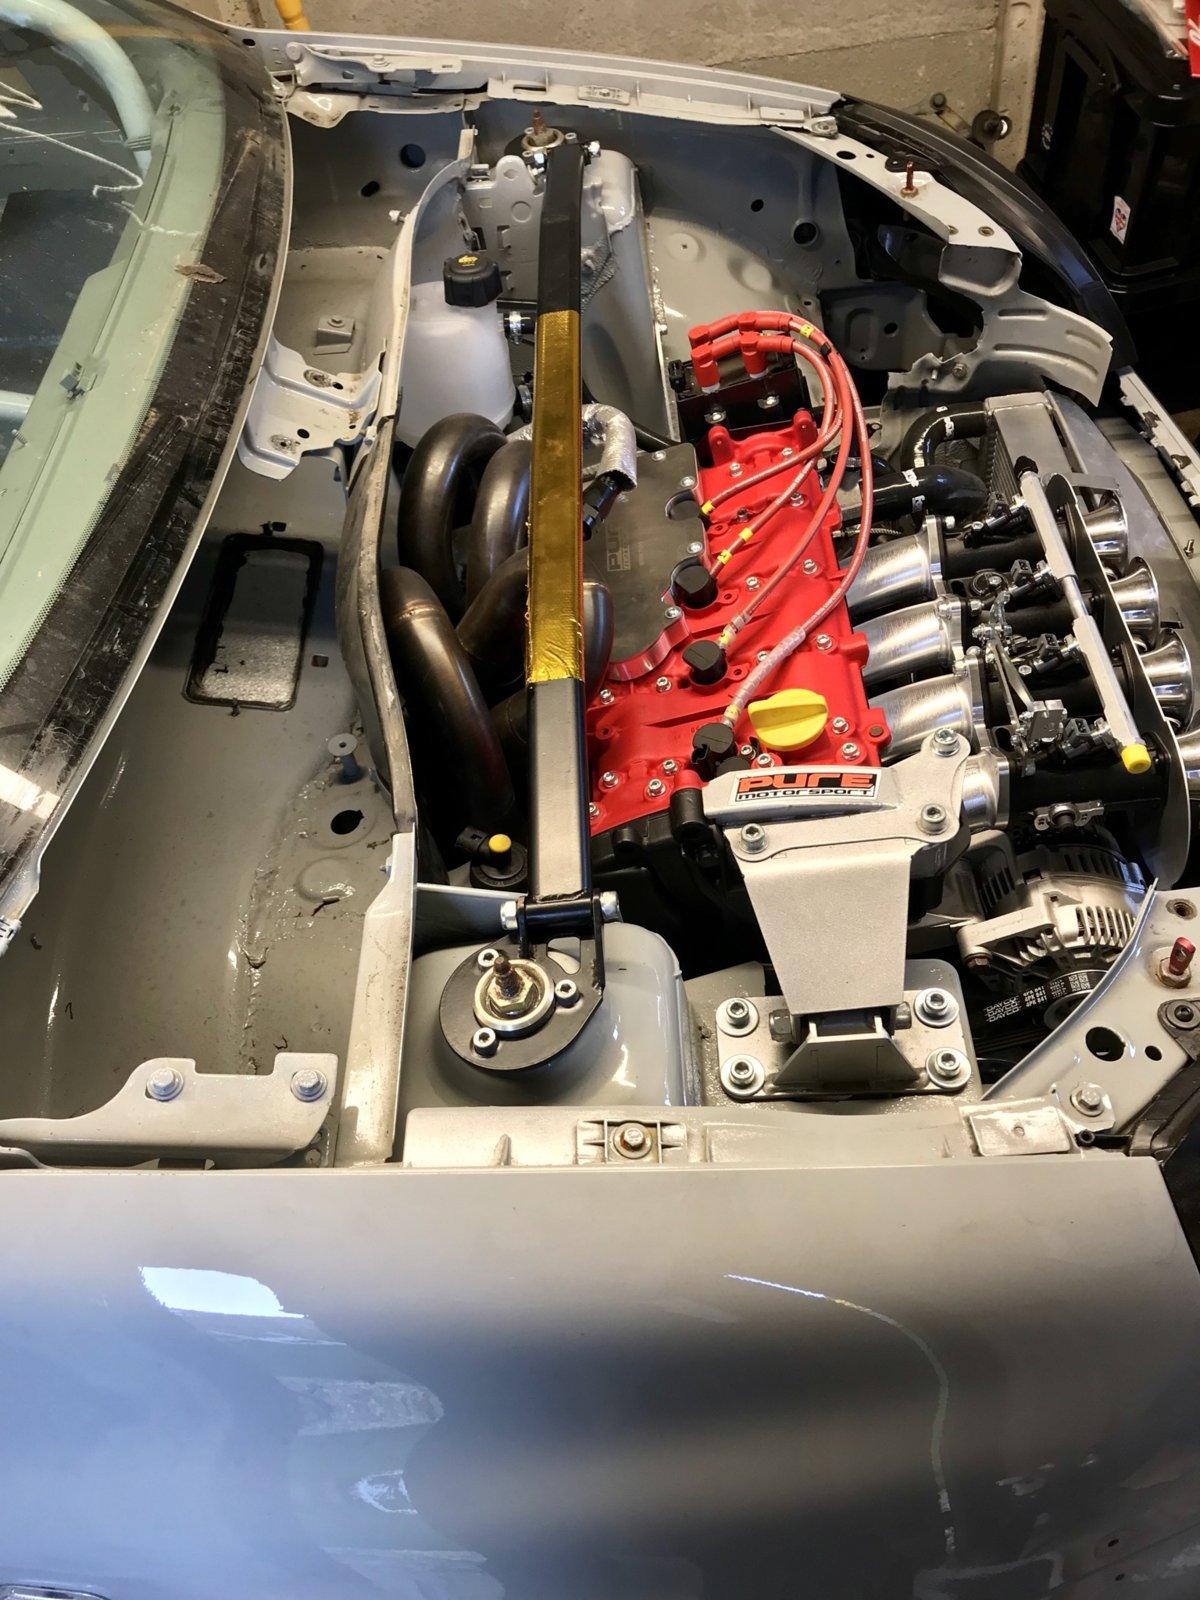 E9919E2A-078F-4DF5-A4BC-E6594AD862FA.jpeg